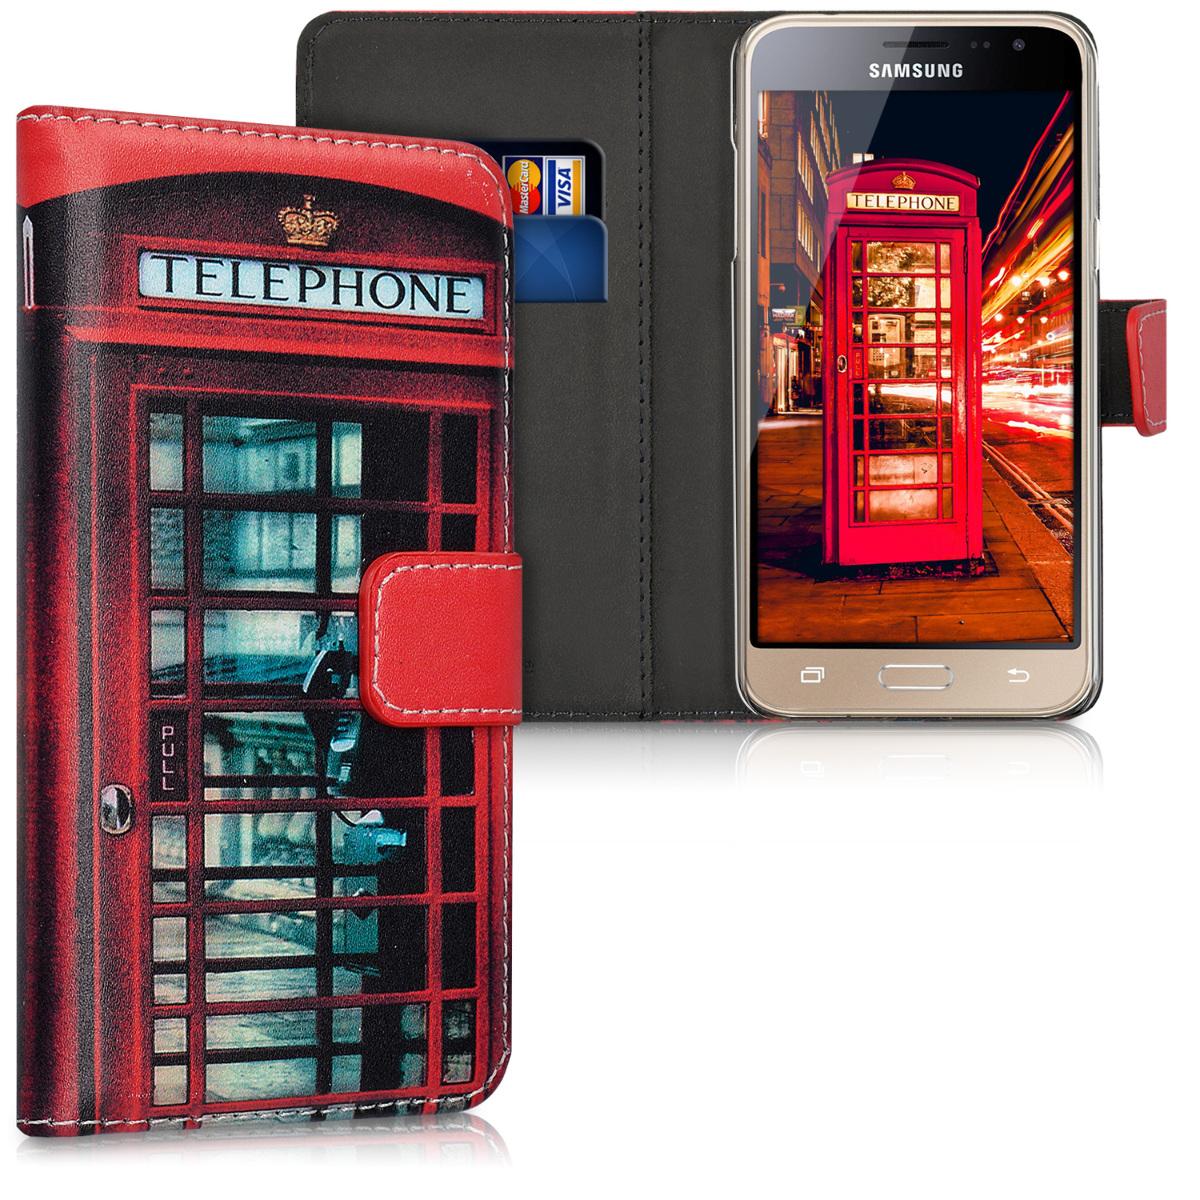 Kožené pouzdro pro Samsung J3 (2016) DUOS - London Telefonní budka červená / černé / bílá